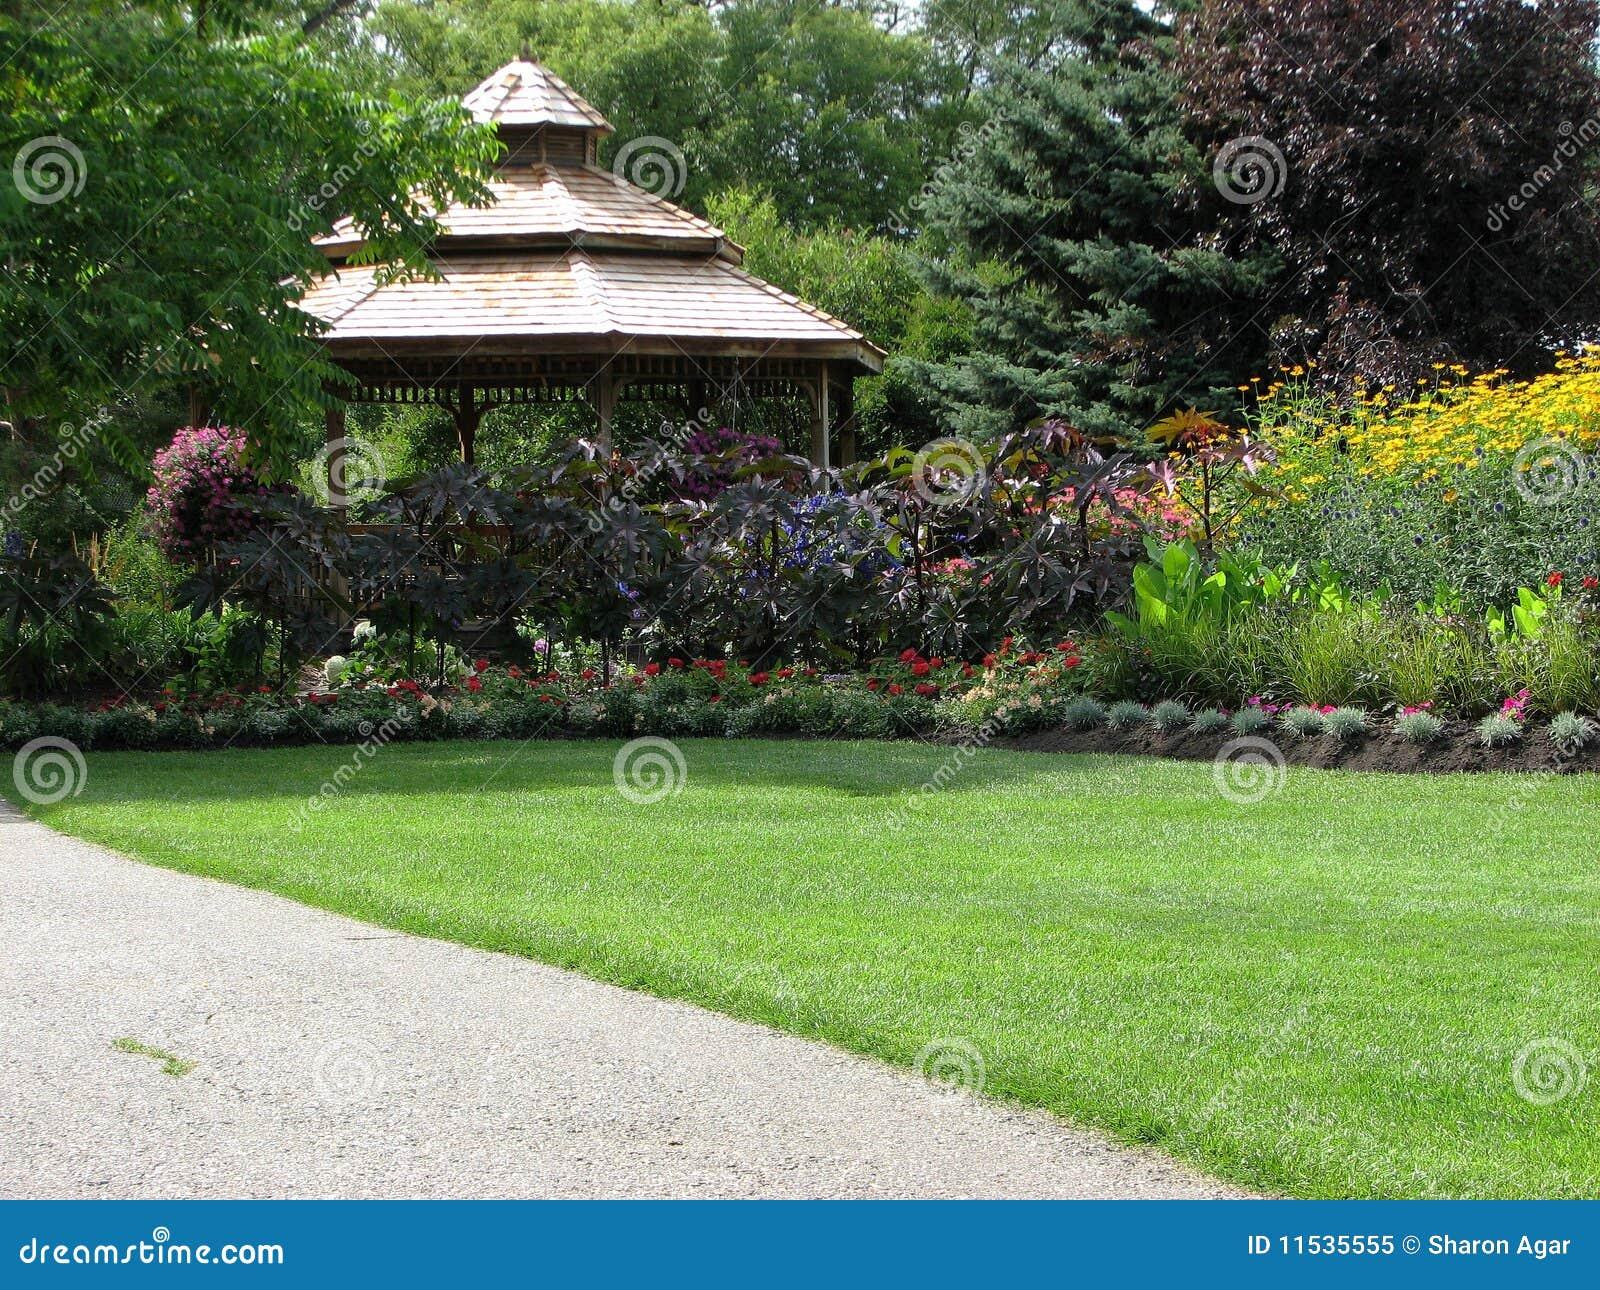 gazebo jardim madeira:Um retrato de um gazebo de madeira do jardim cercado com flores e